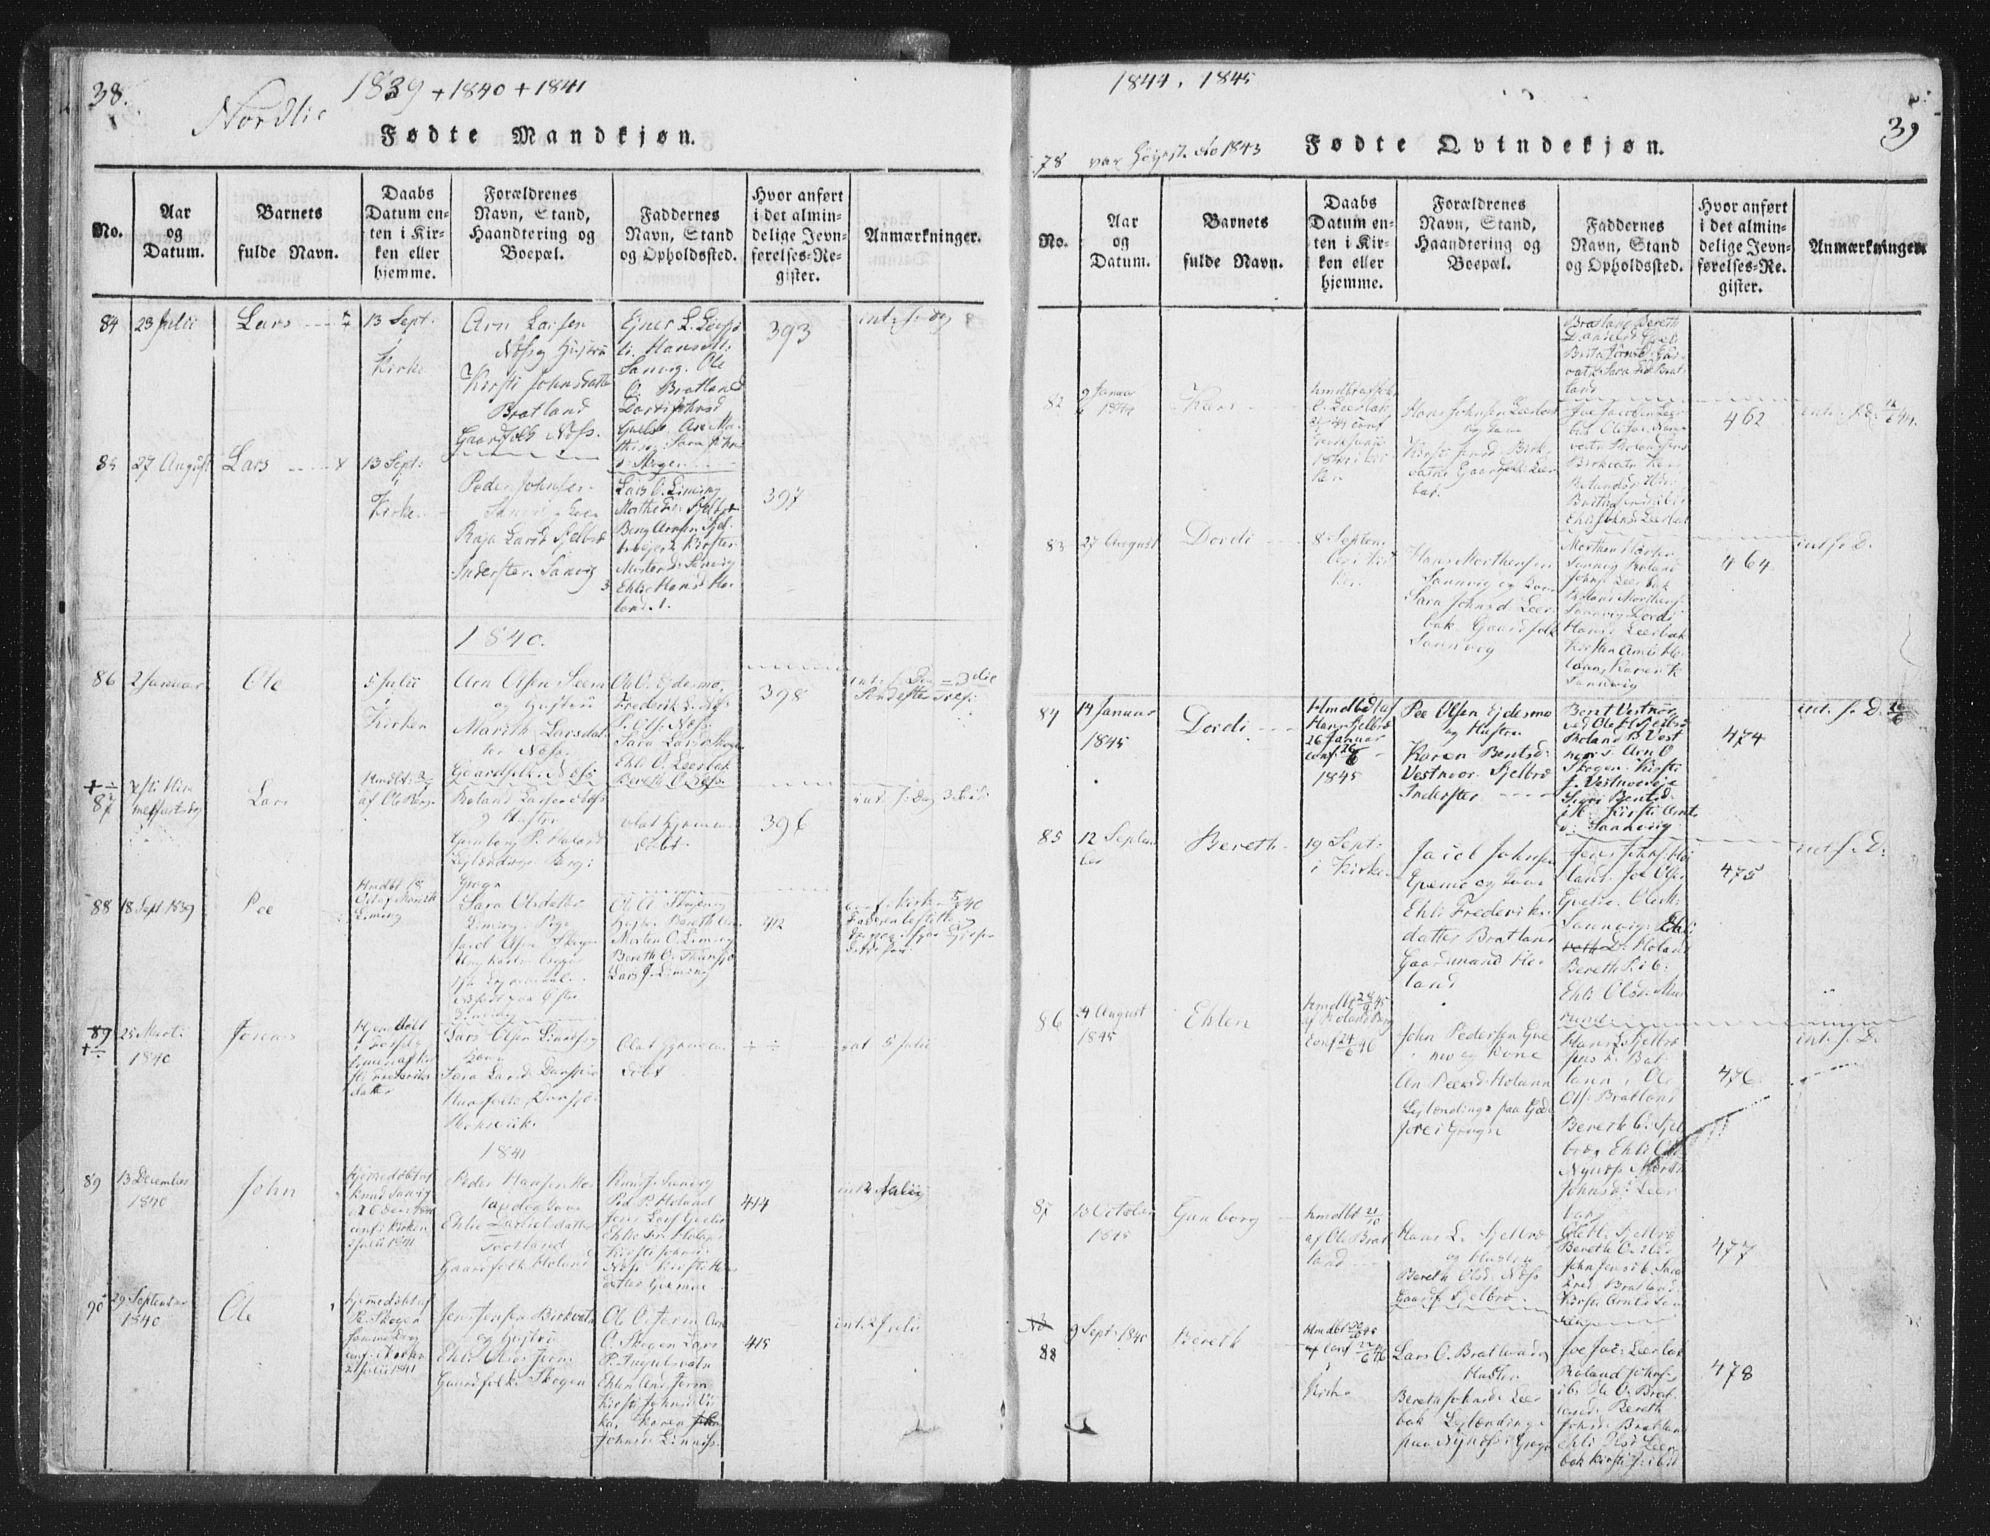 SAT, Ministerialprotokoller, klokkerbøker og fødselsregistre - Nord-Trøndelag, 755/L0491: Ministerialbok nr. 755A01 /1, 1817-1864, s. 38-39